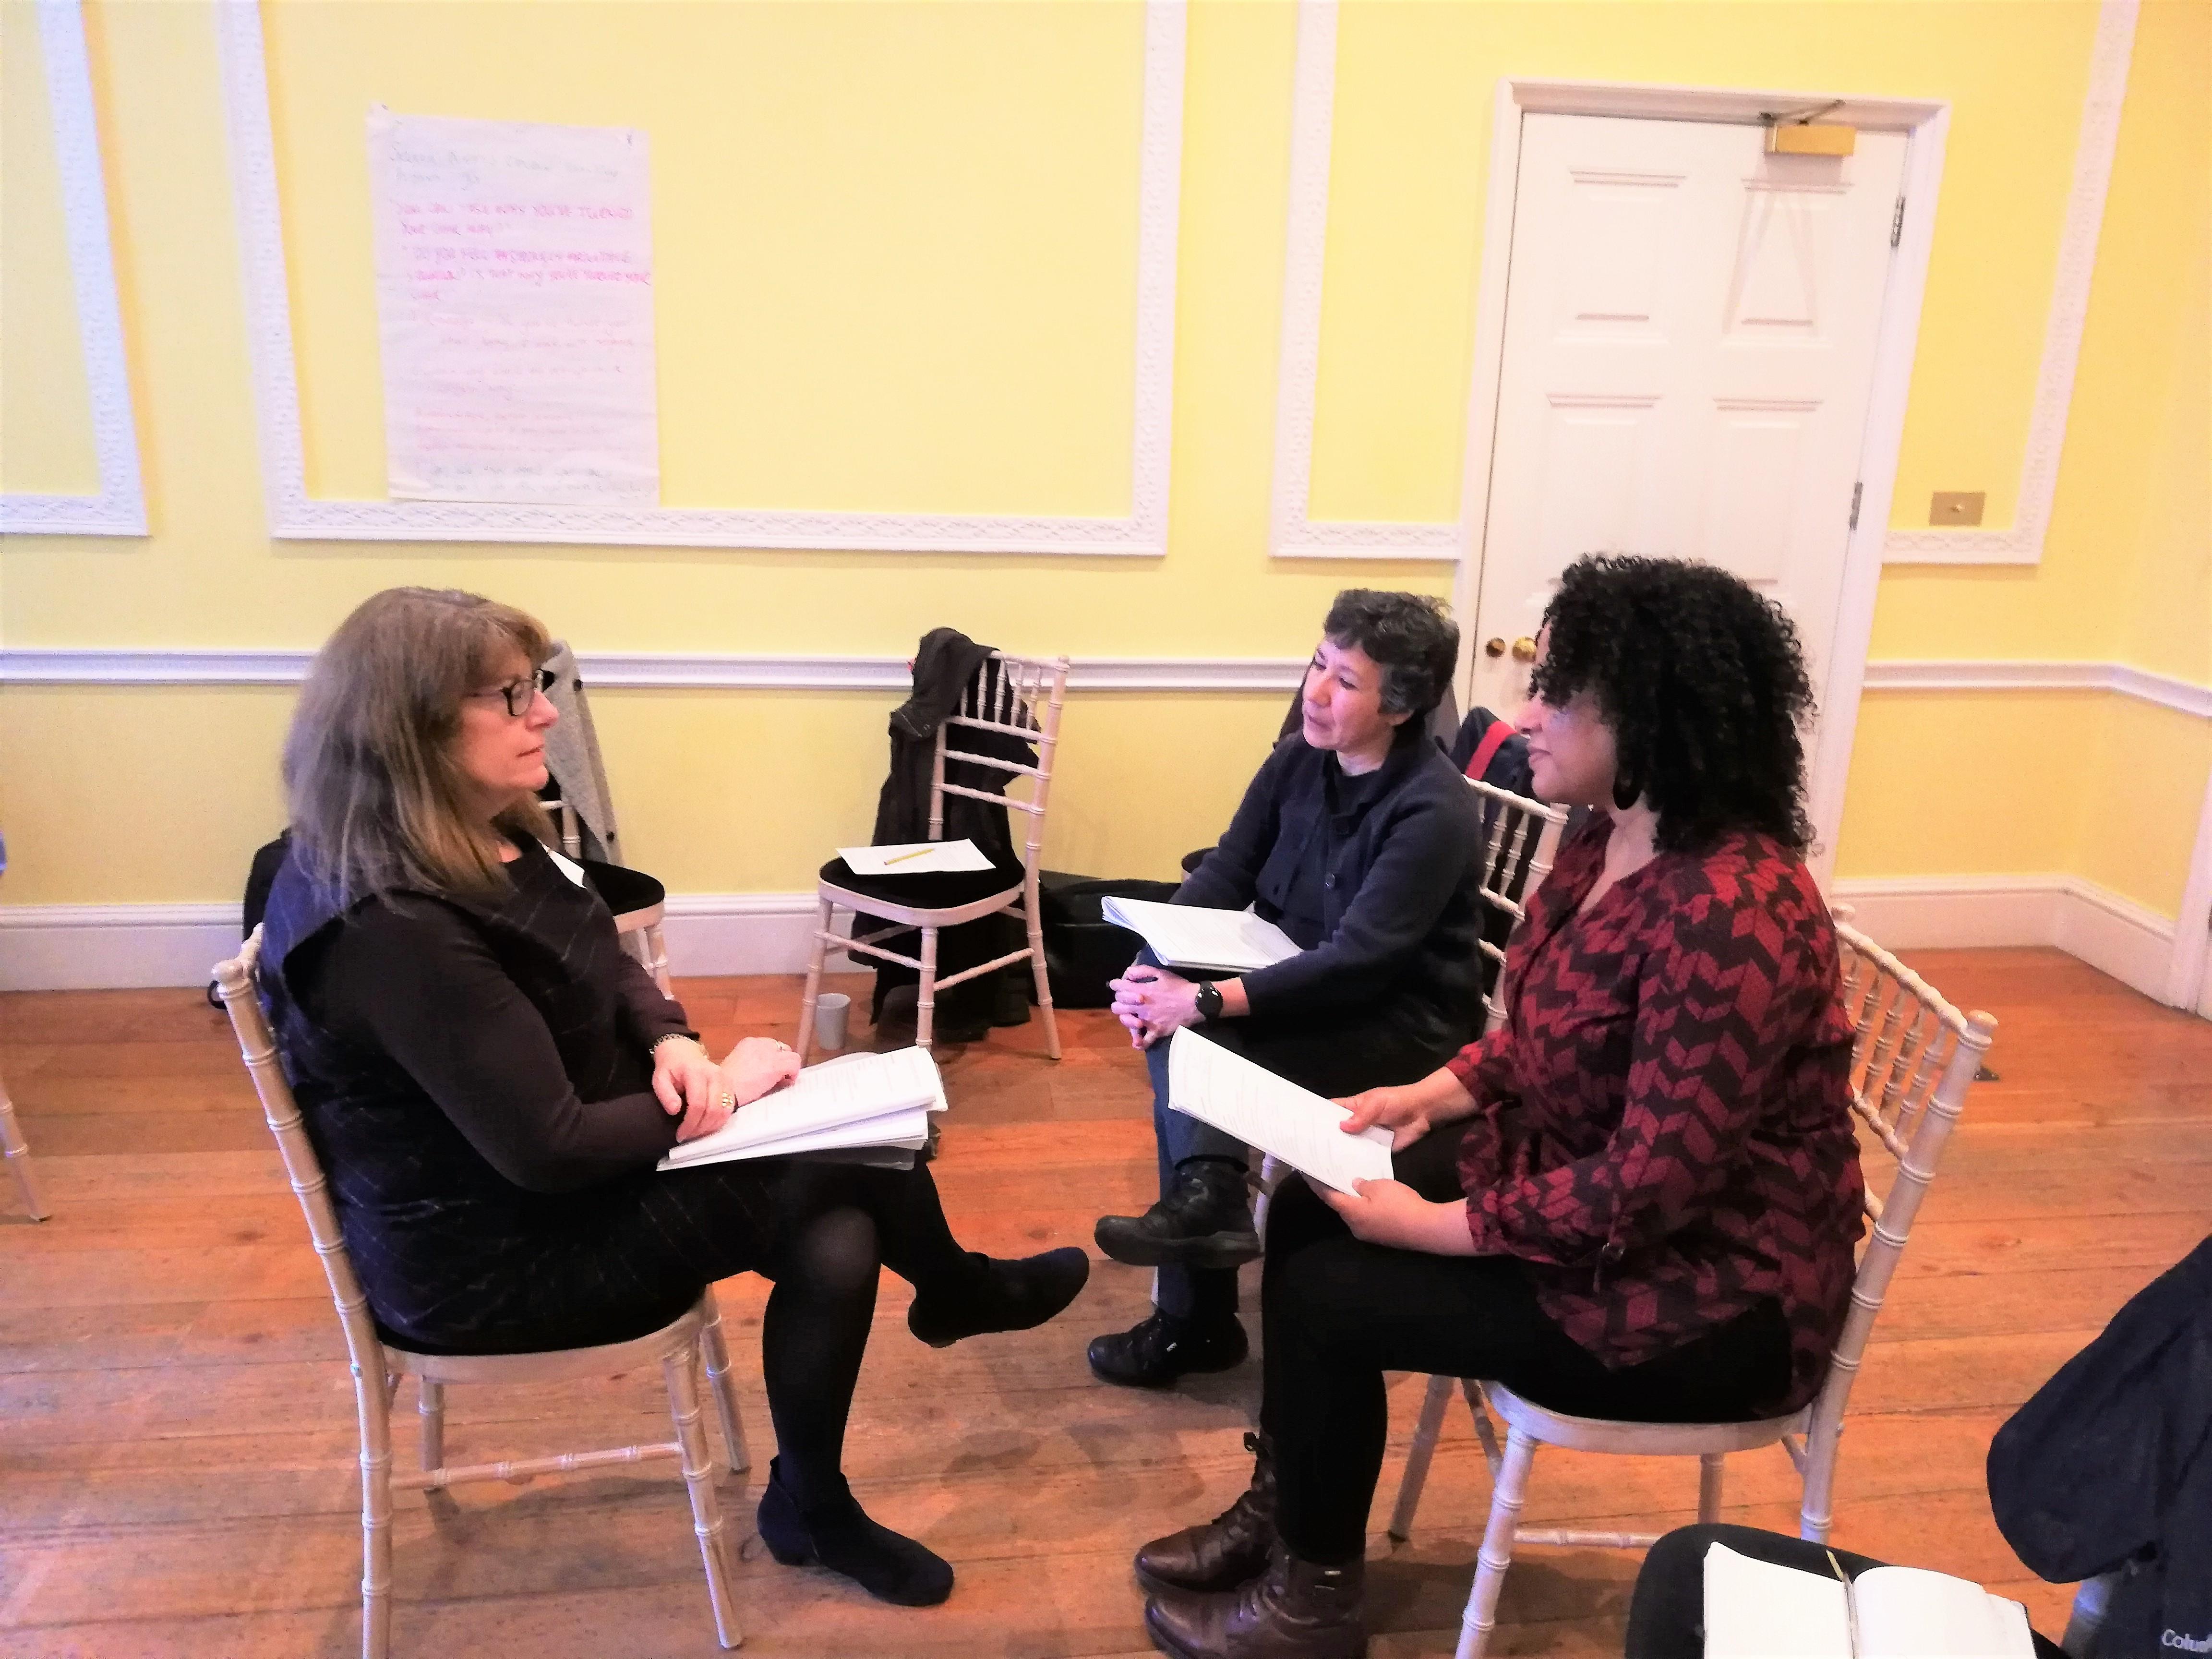 Mediation role play scenario practice